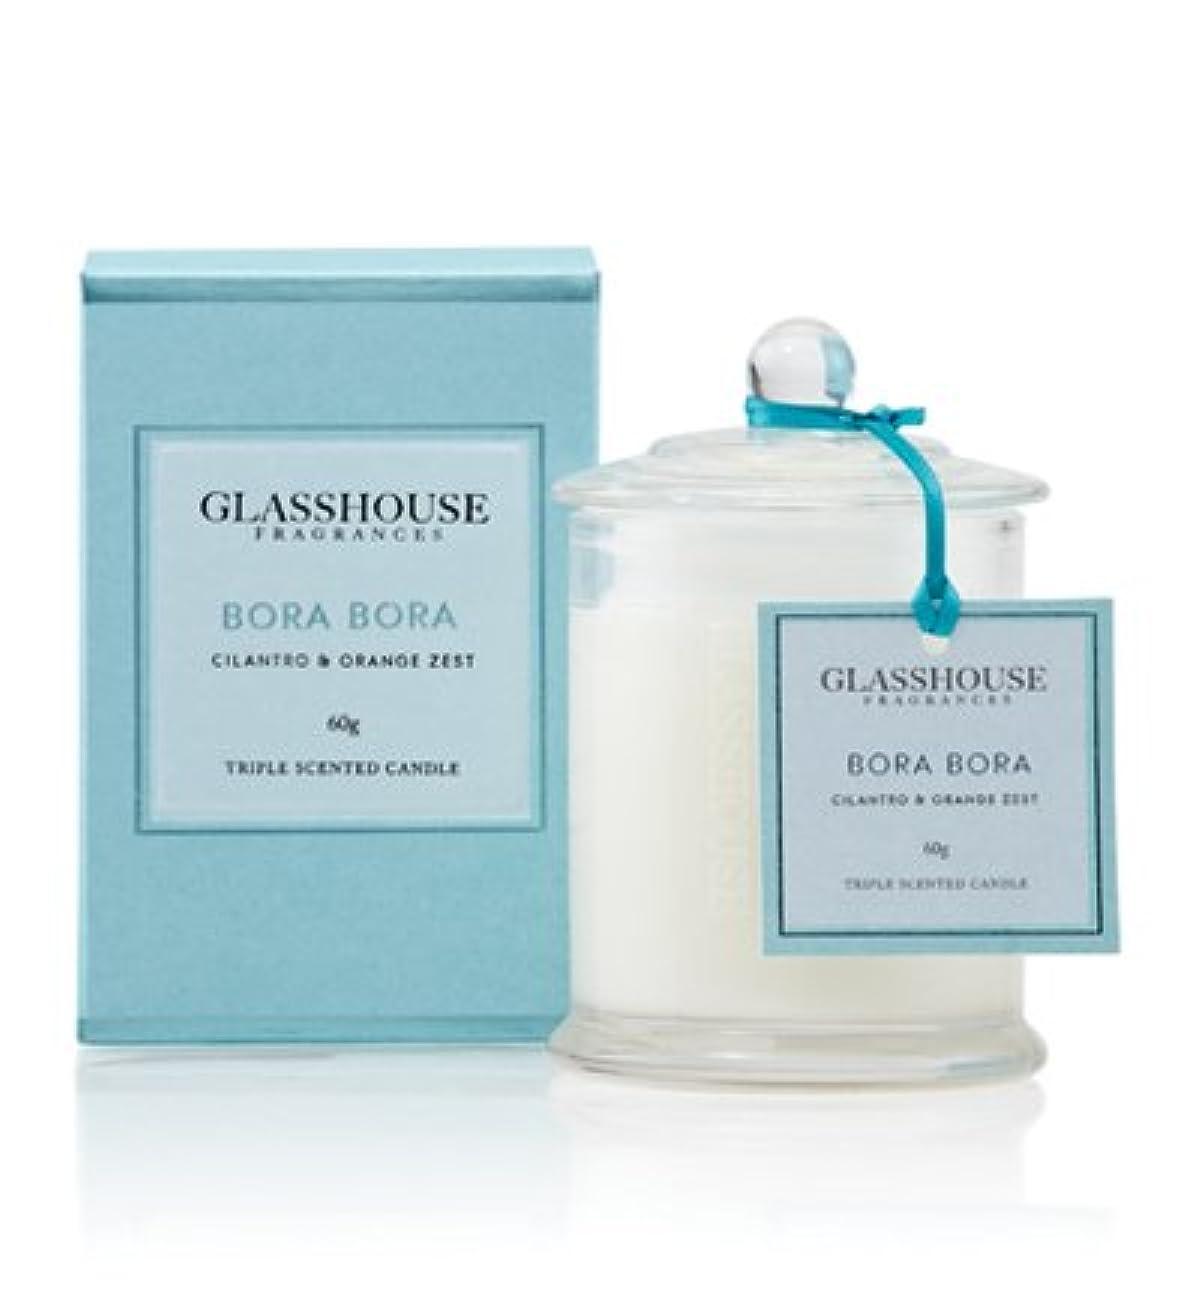 それによって貫通する宣言GLASSHOUSE グラスハウス アロマキャンドル (ボラボラ) ミニキャンドル 60g